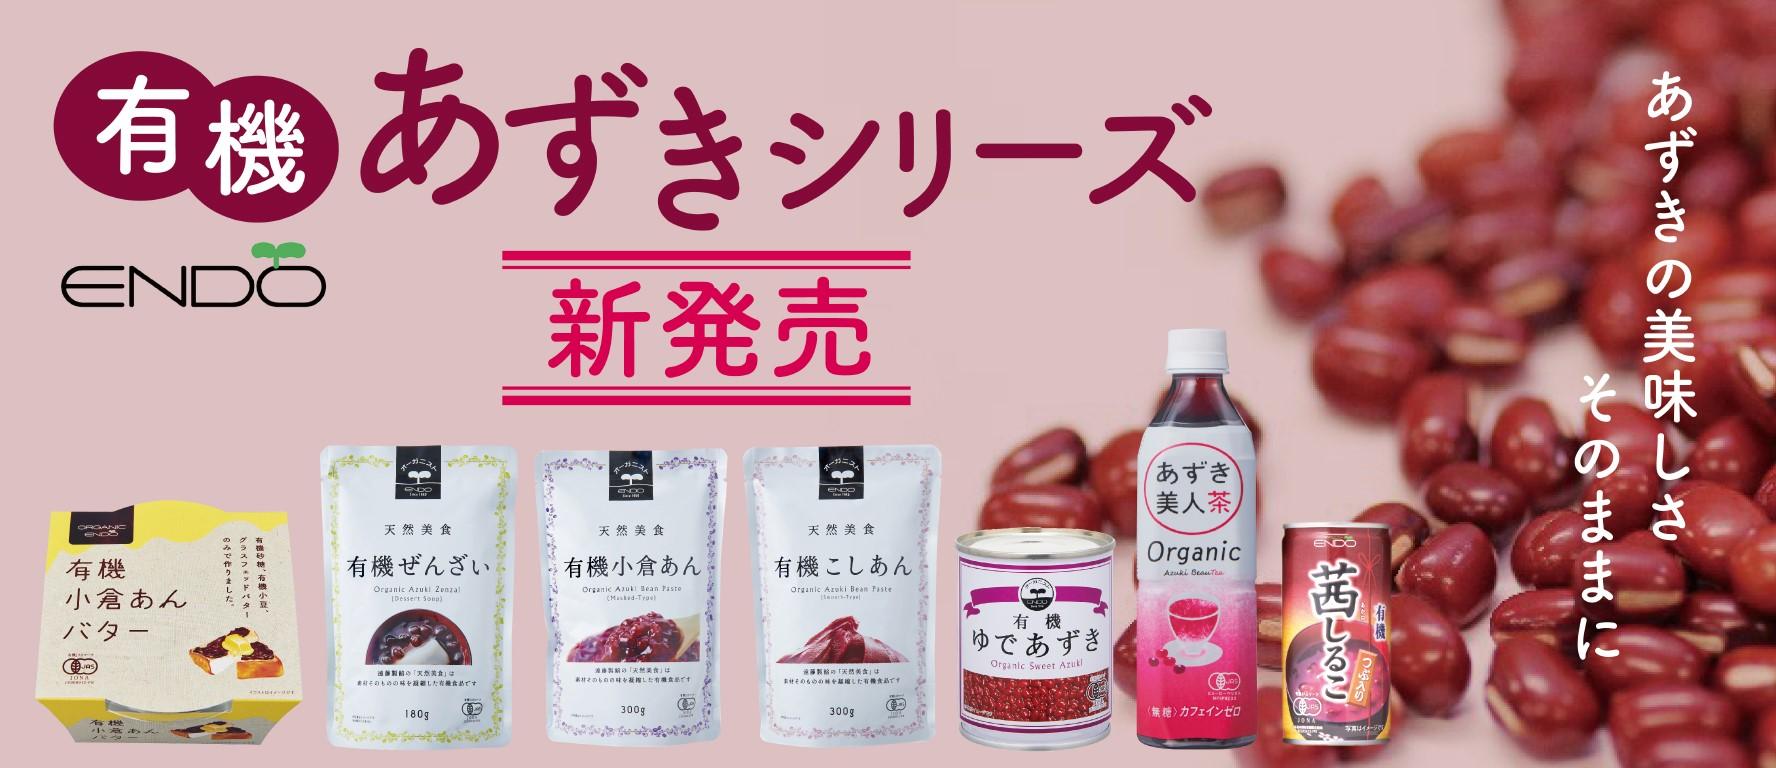 梅のしろっぷ新発売